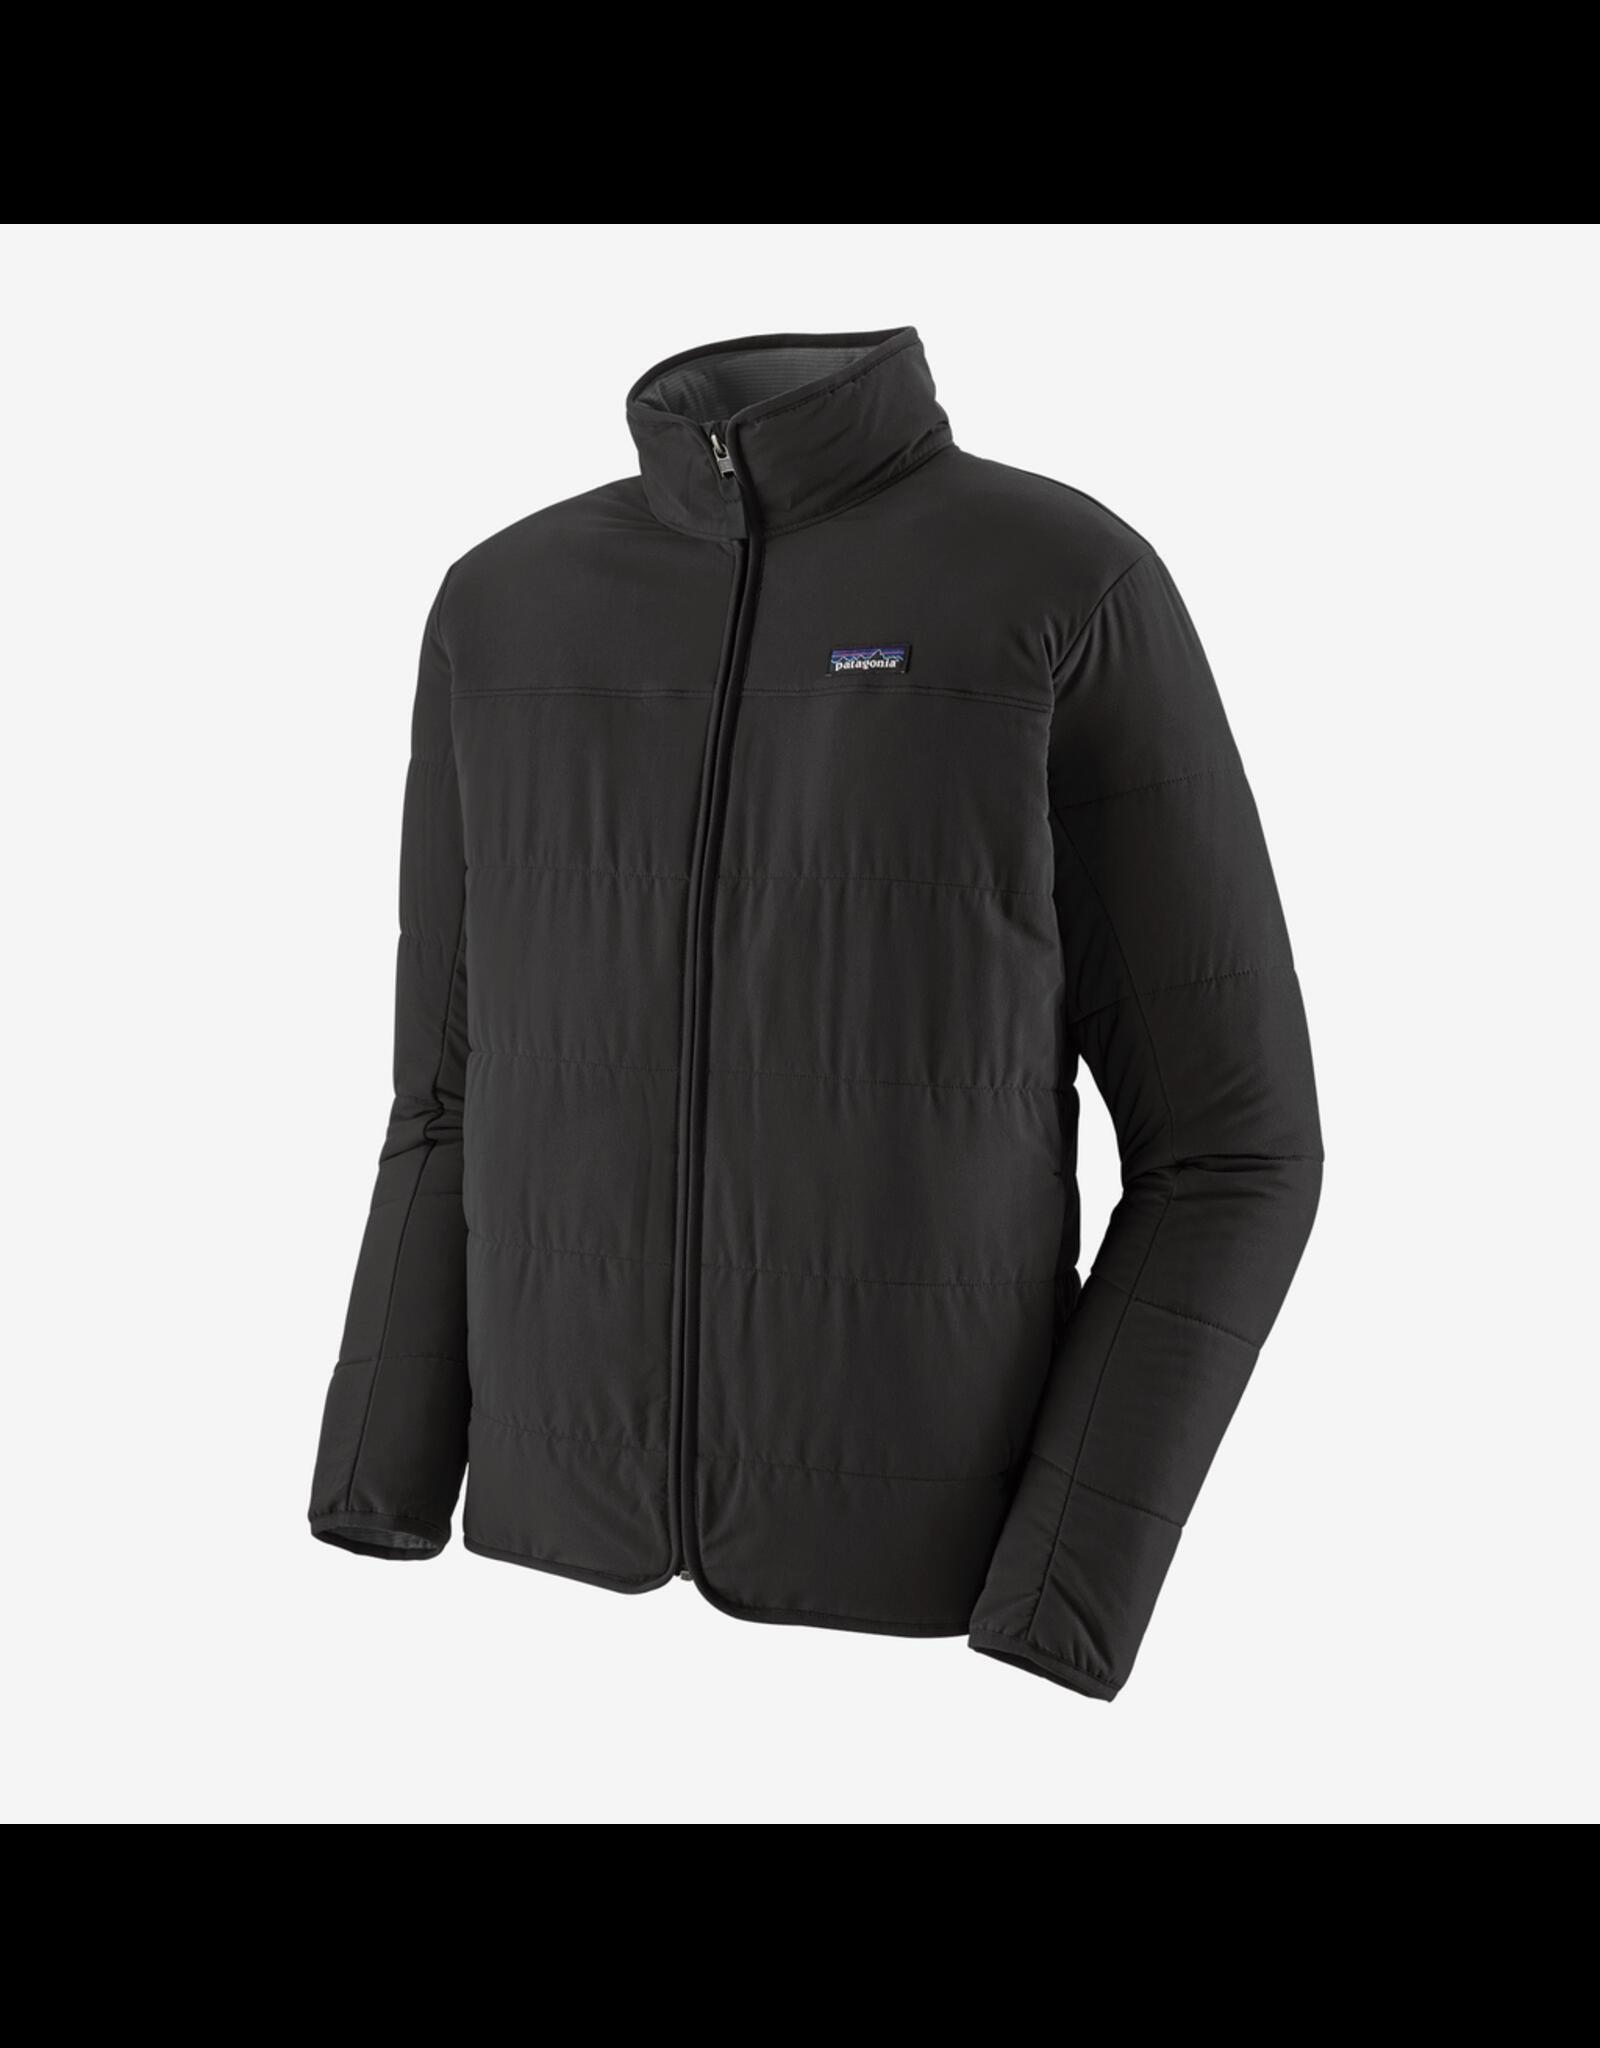 Patagonia Patagonia Men's Pack In Jacket (Ink Black)